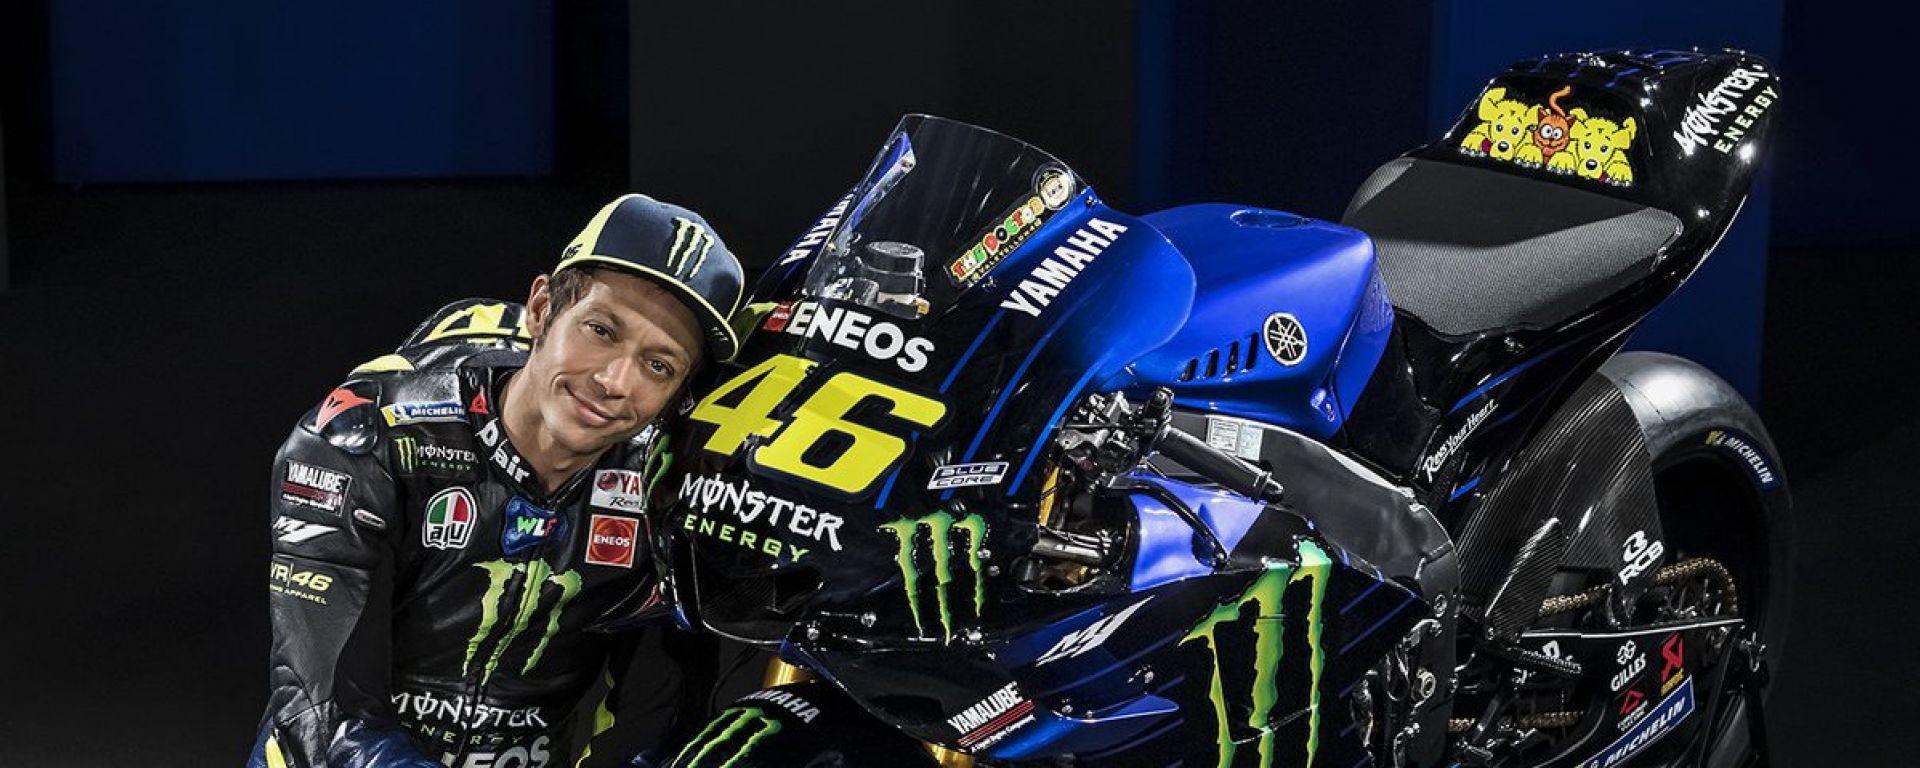 MotoGP 2019, presentanta la M1 di Rossi: video, gallery e dichiarazioni